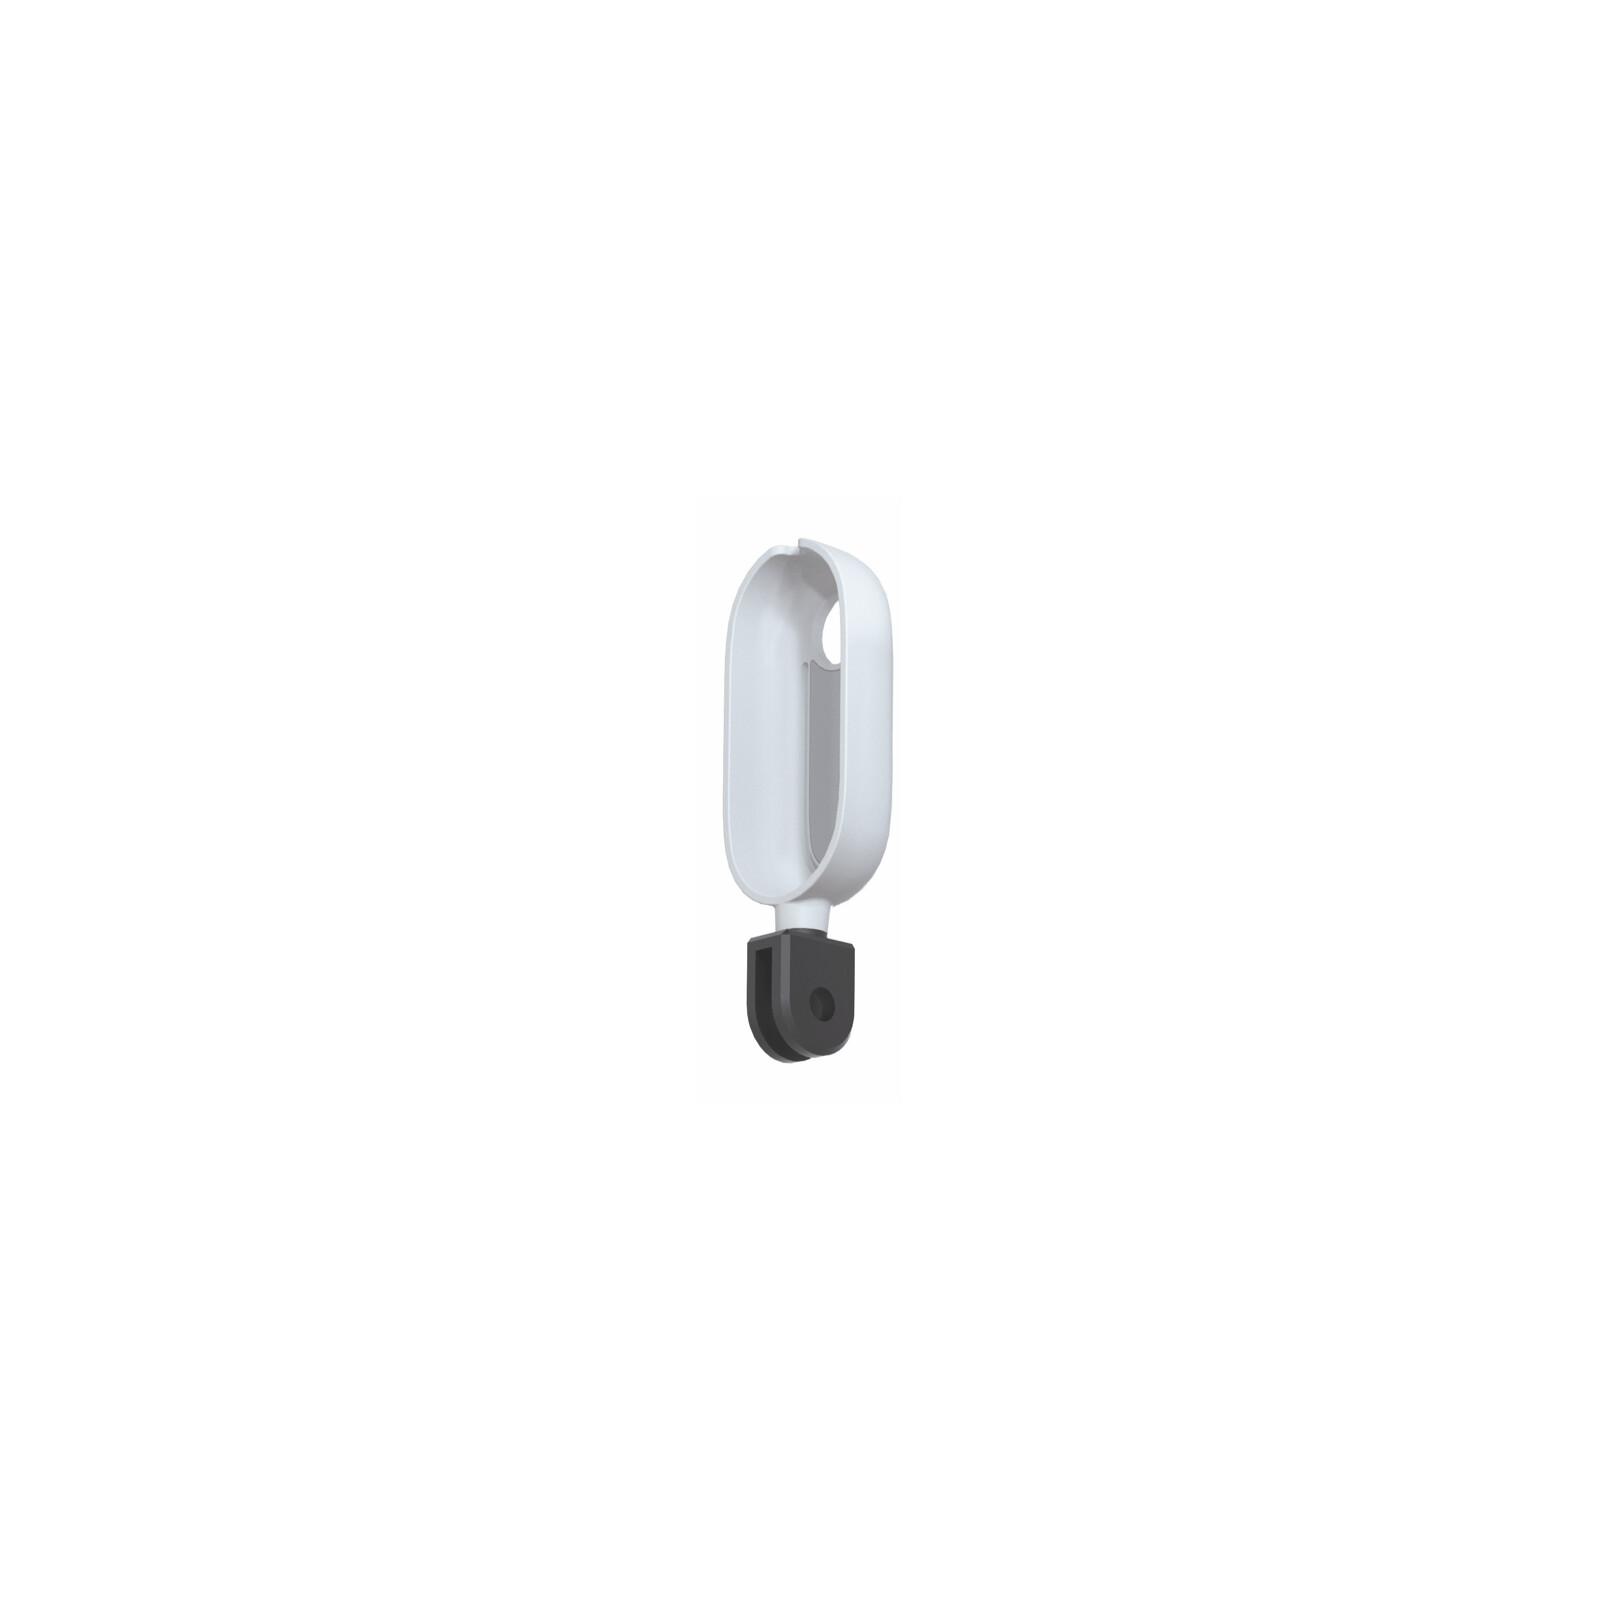 Insta Go 2 Mount Adapter Bundle